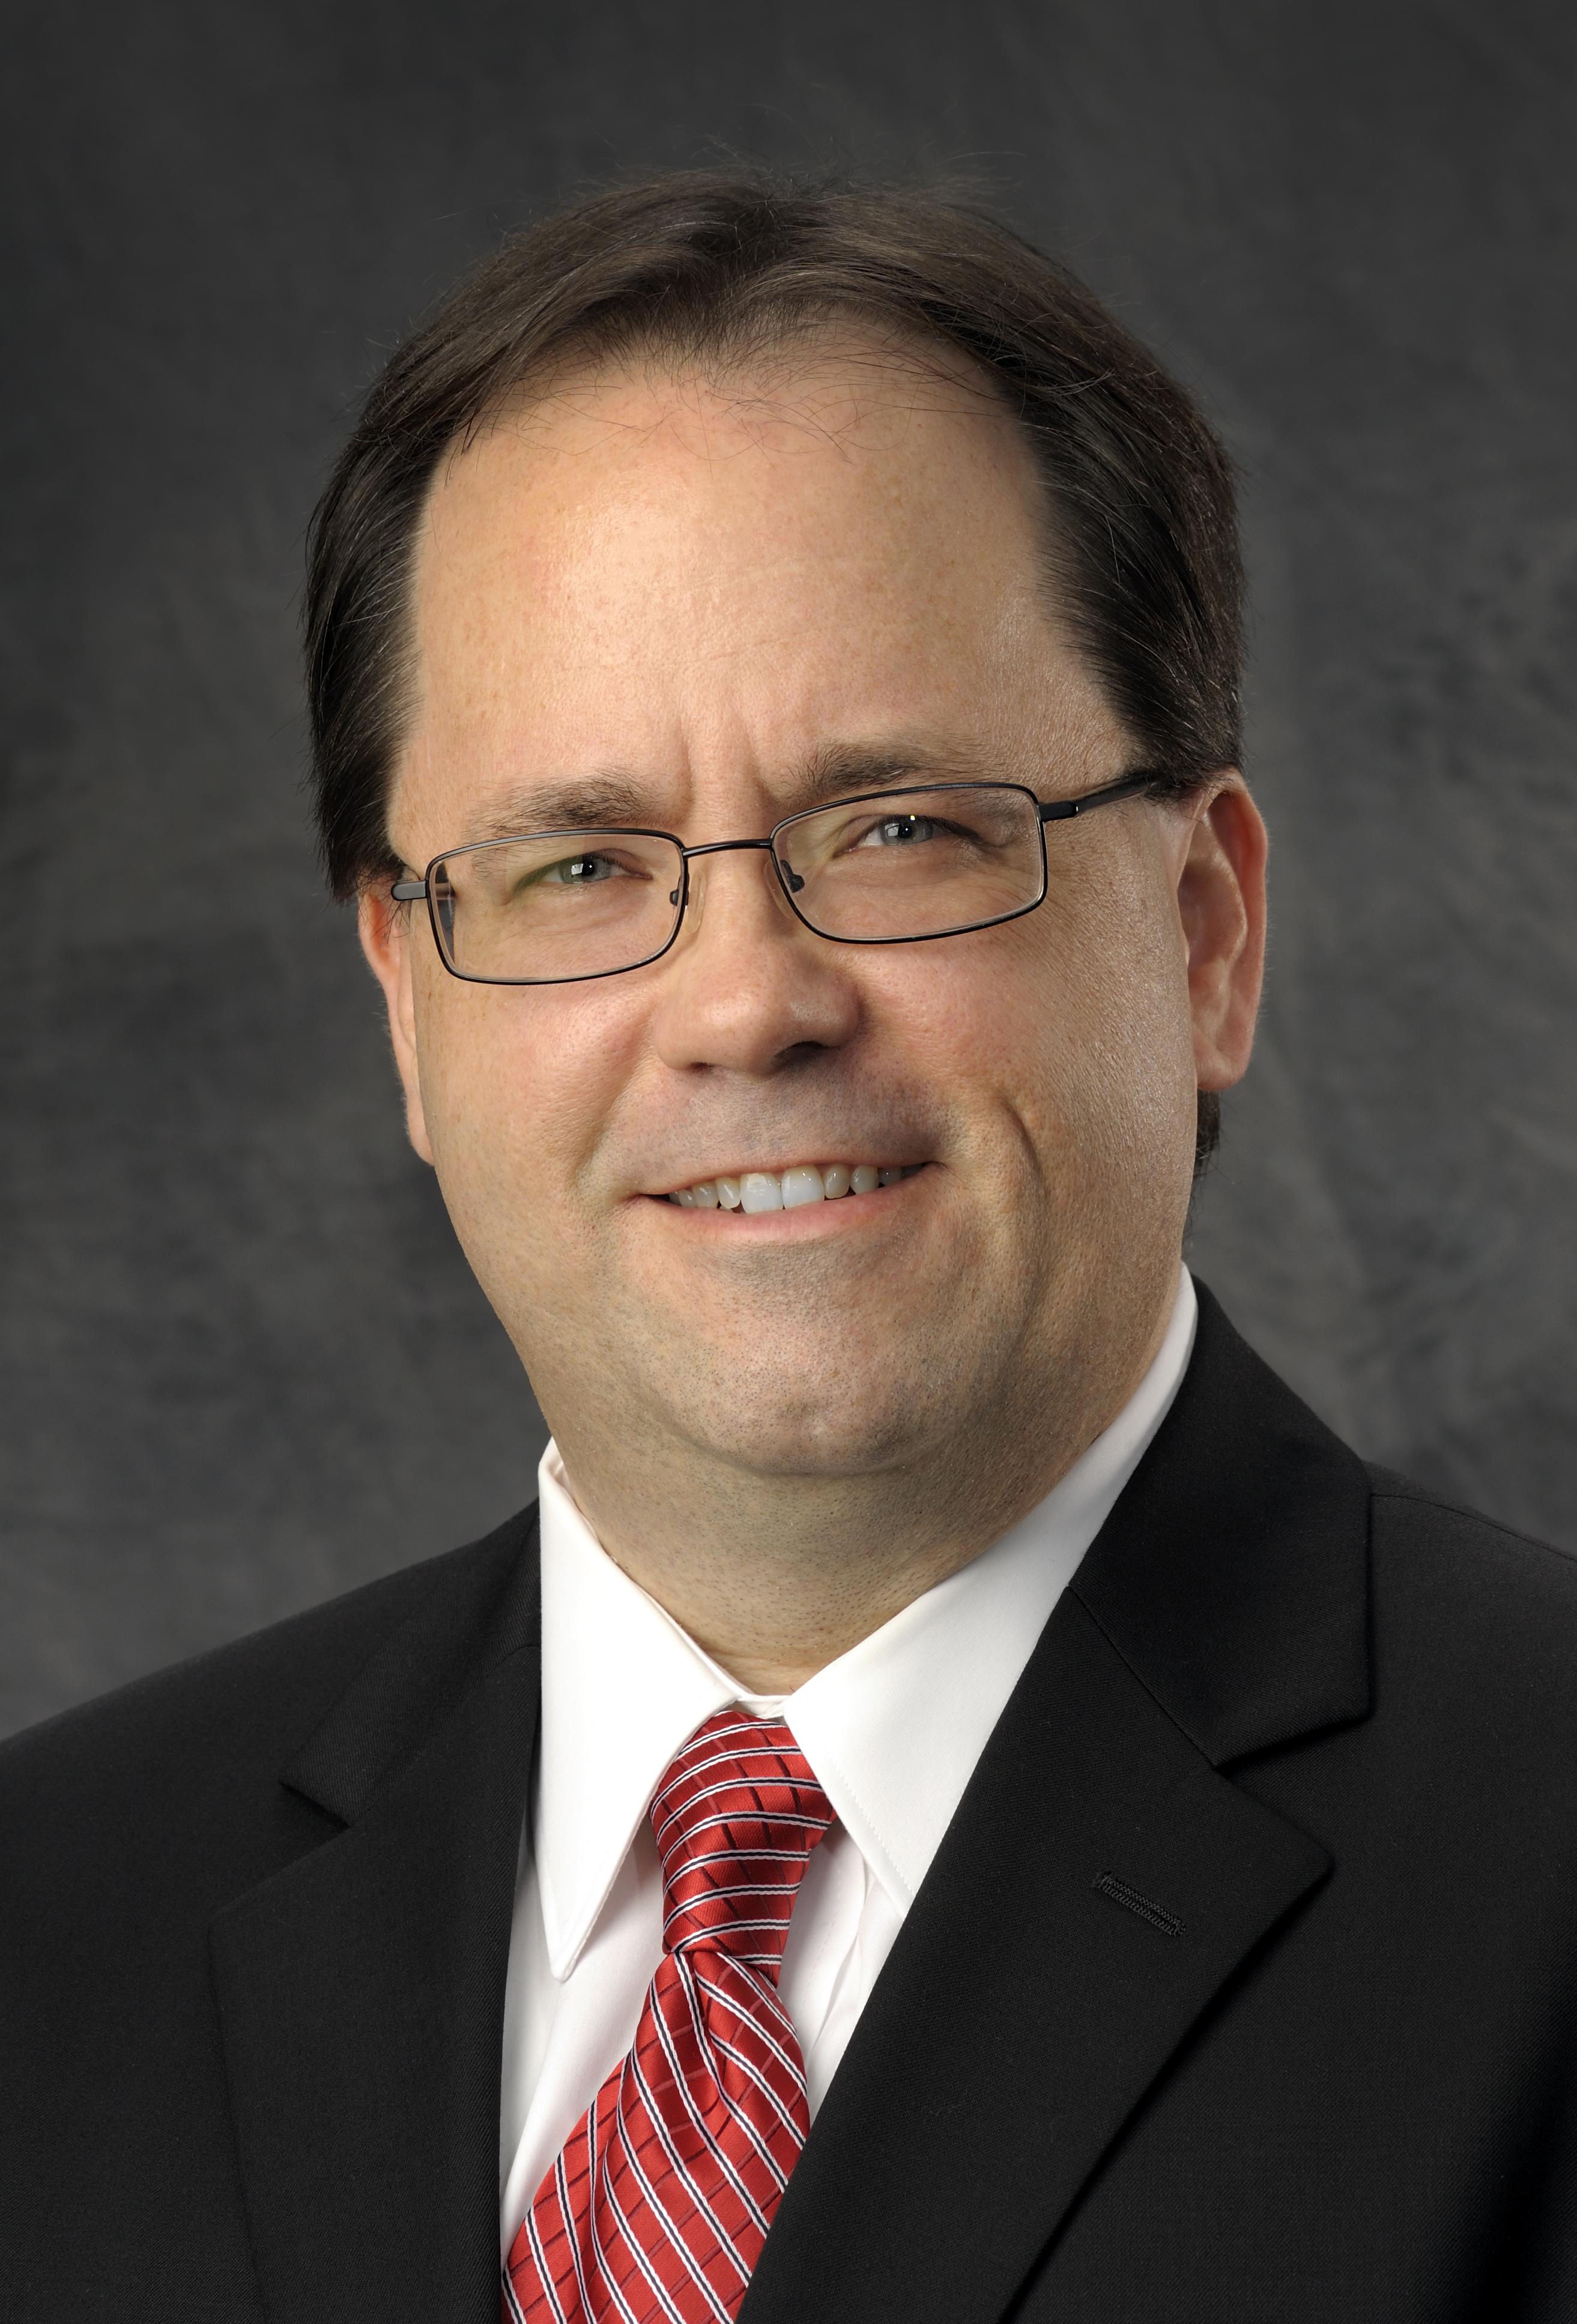 Mike Olach